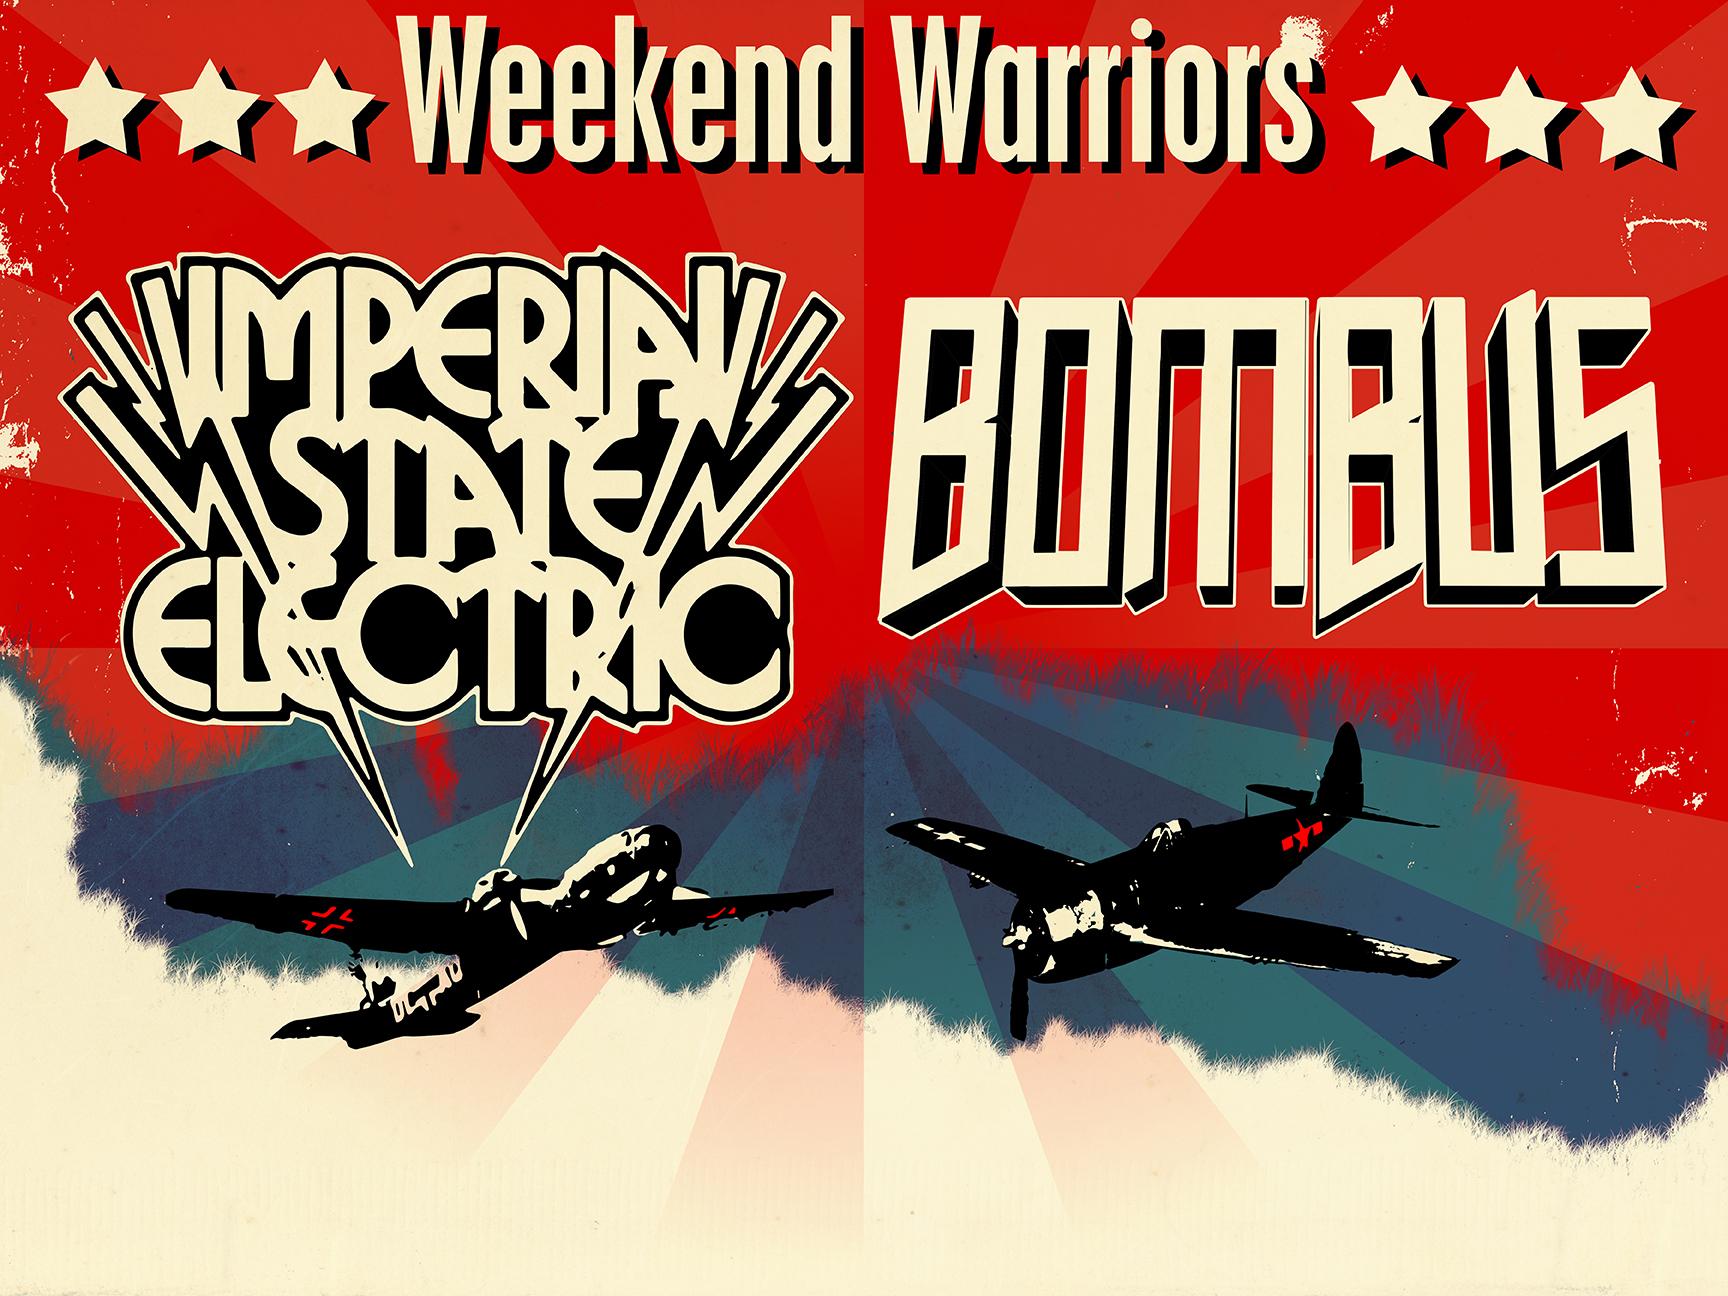 Weekend Warriors Affisch